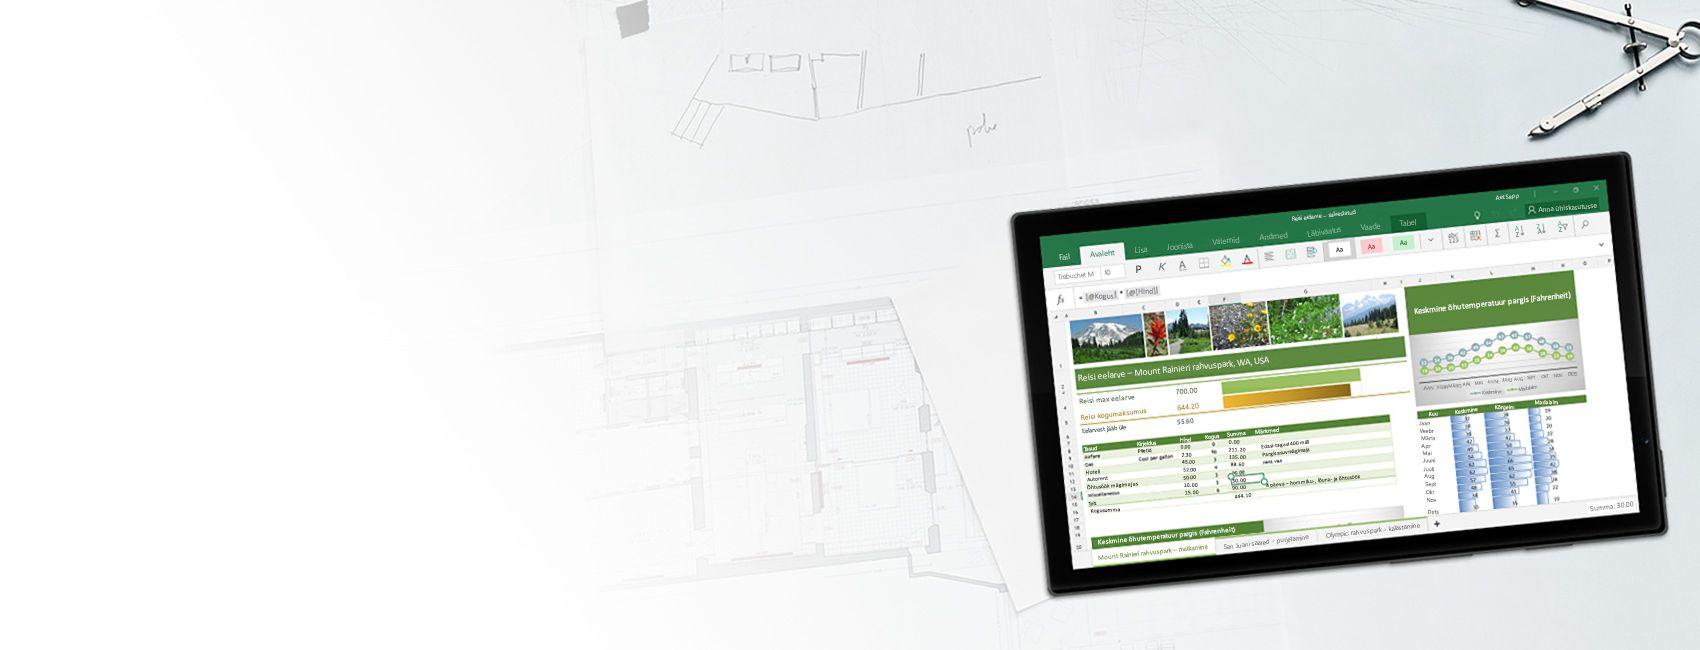 Windowsi tahvelarvuti, mille ekraanil on rakenduses Excel for Windows 10 Mobile avatud reisieelarve aruanne ja näidisdiagramm